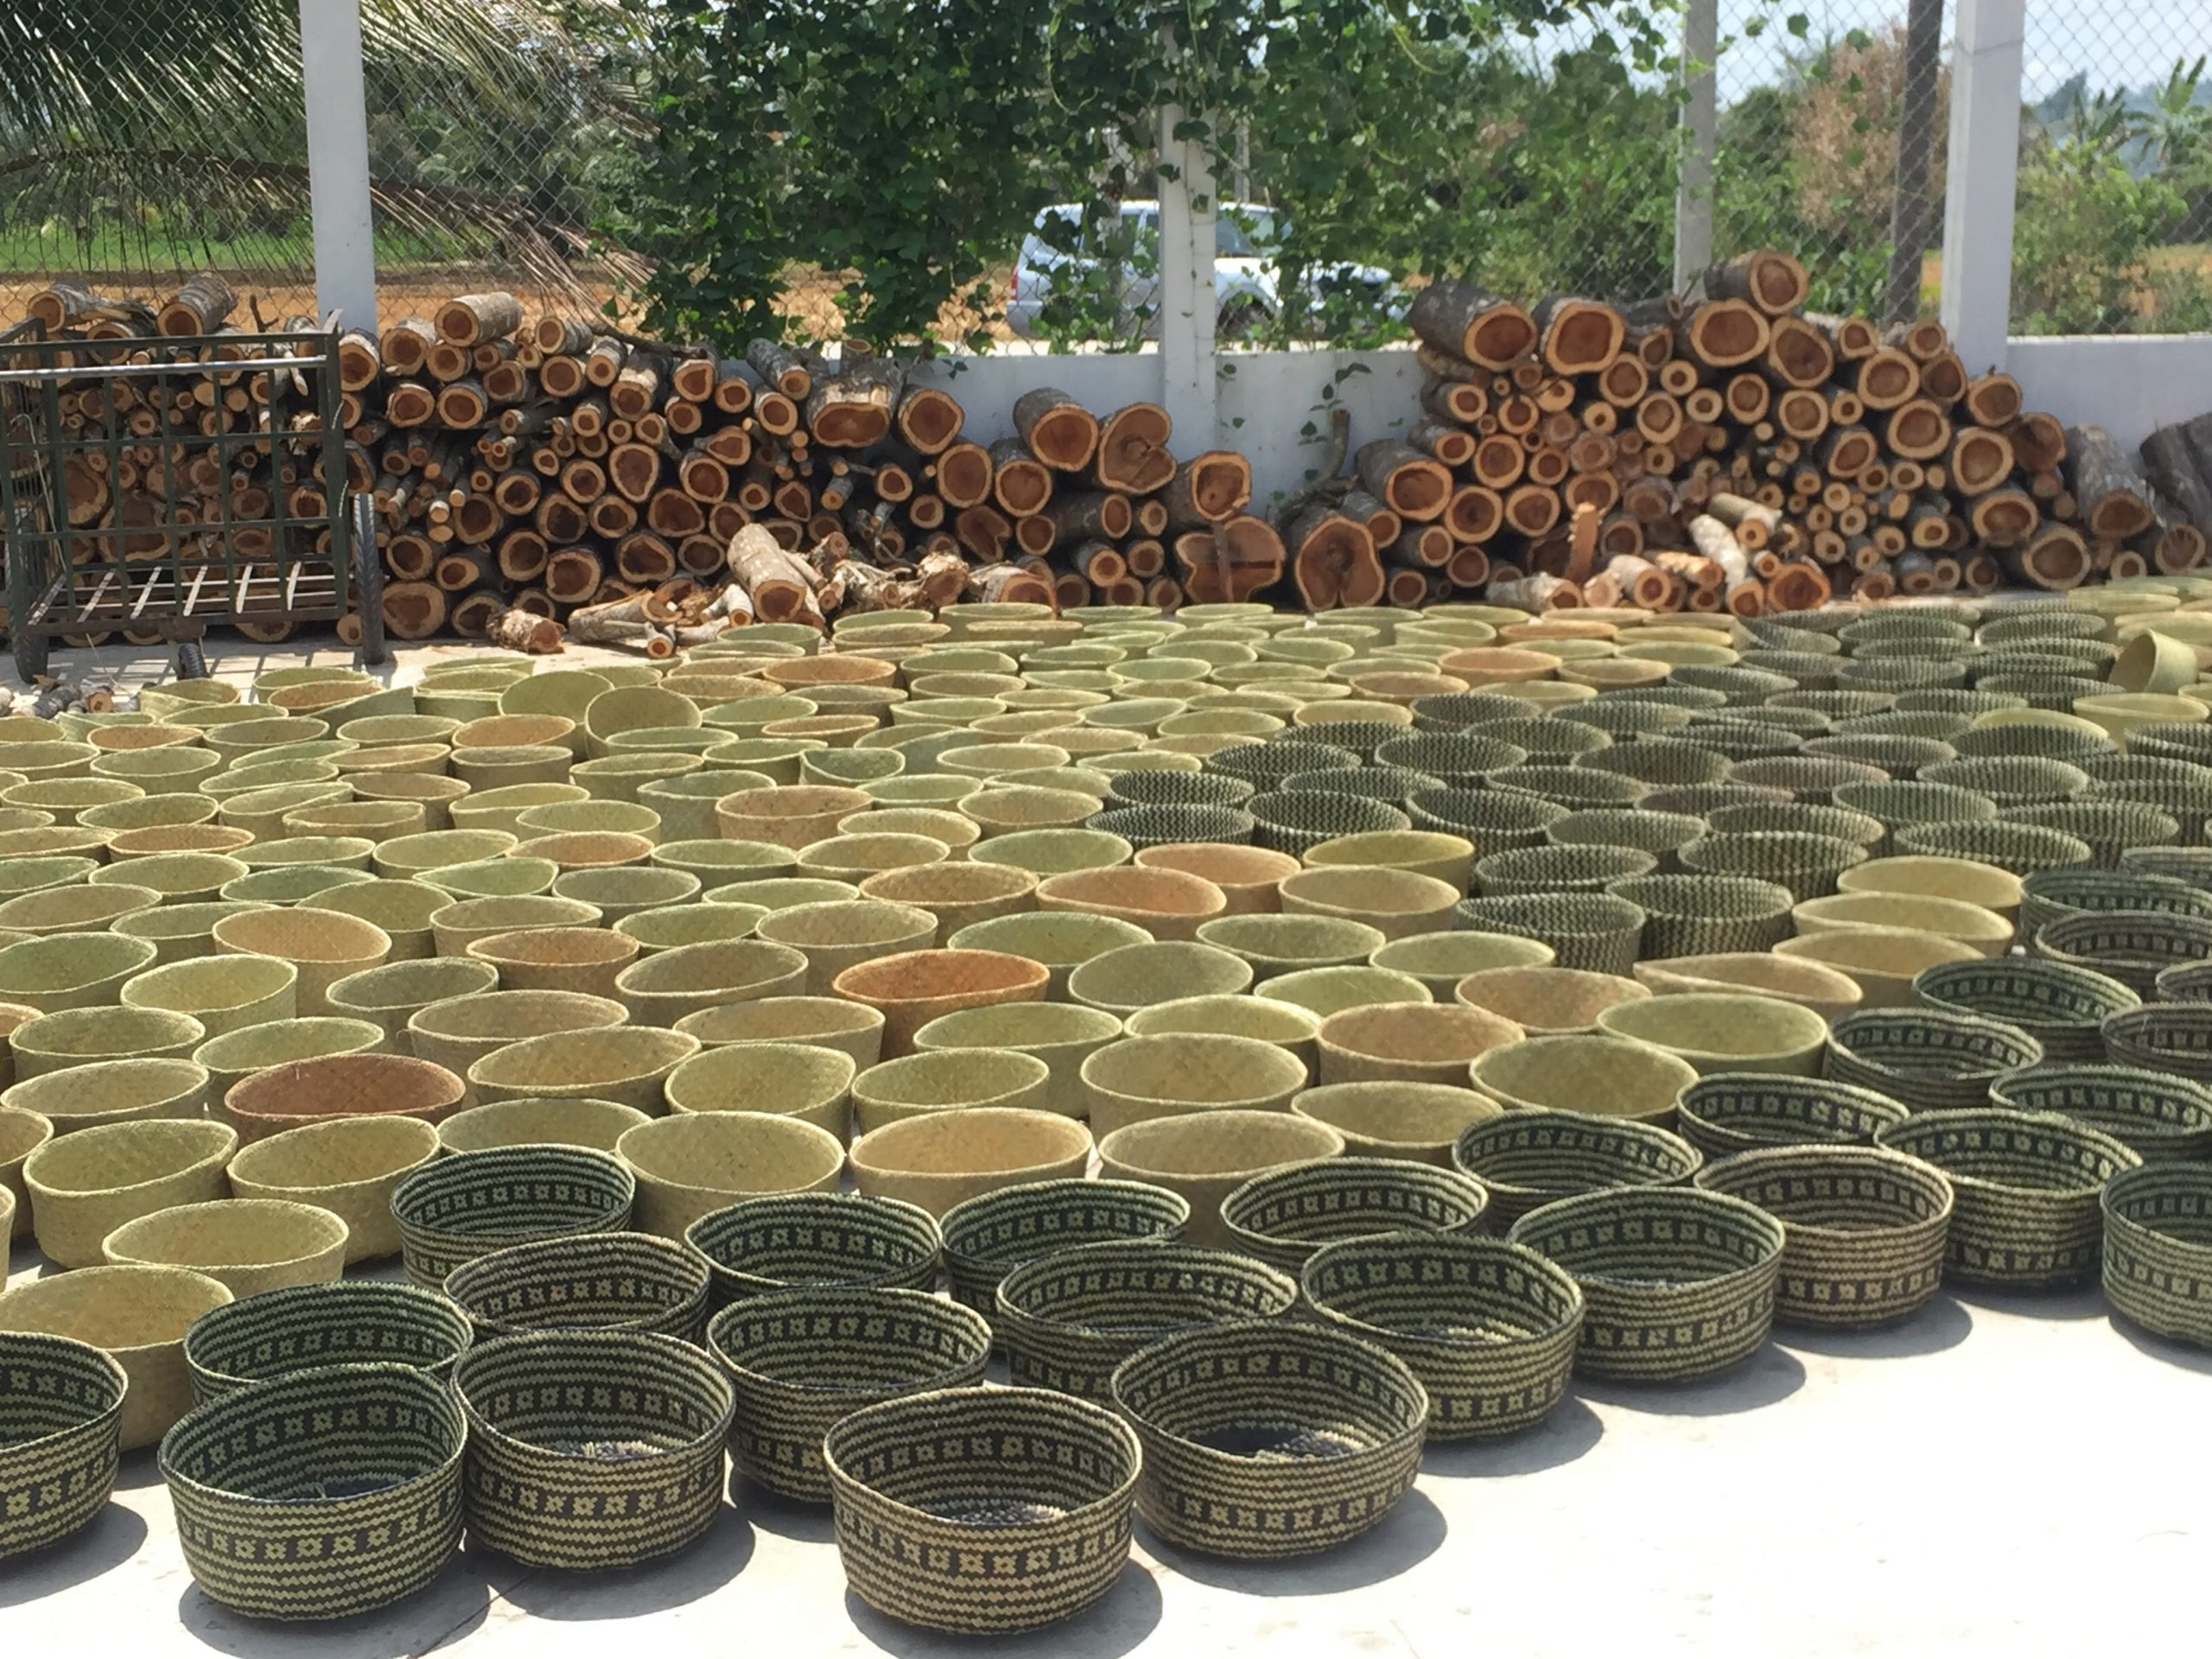 Các sản phẩm quà tặng doanh nghiệp từ cỏ bàng ngày càng được ưa chuộng vì đảm bảo sức khỏe và có độ bền cao